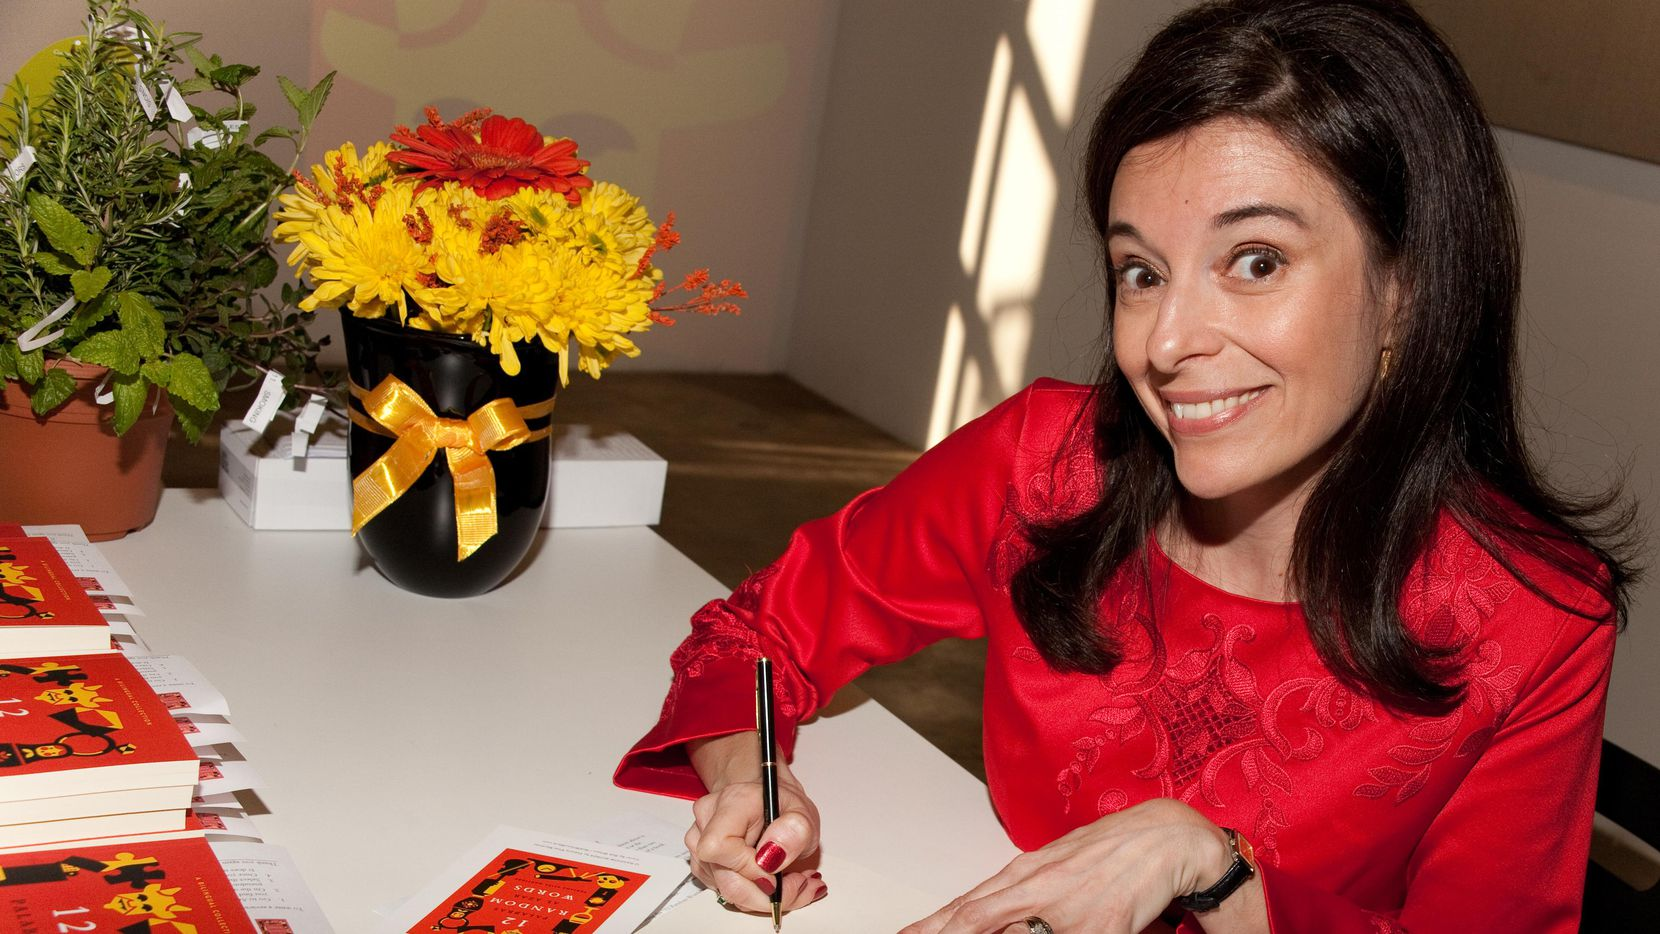 """La argentina Fabiana Elisa Martínez es la autora del libro de cuentos """"12 Random Words/12 palabras al azar"""".(CORTESÍA/KRIS HUNDT)"""